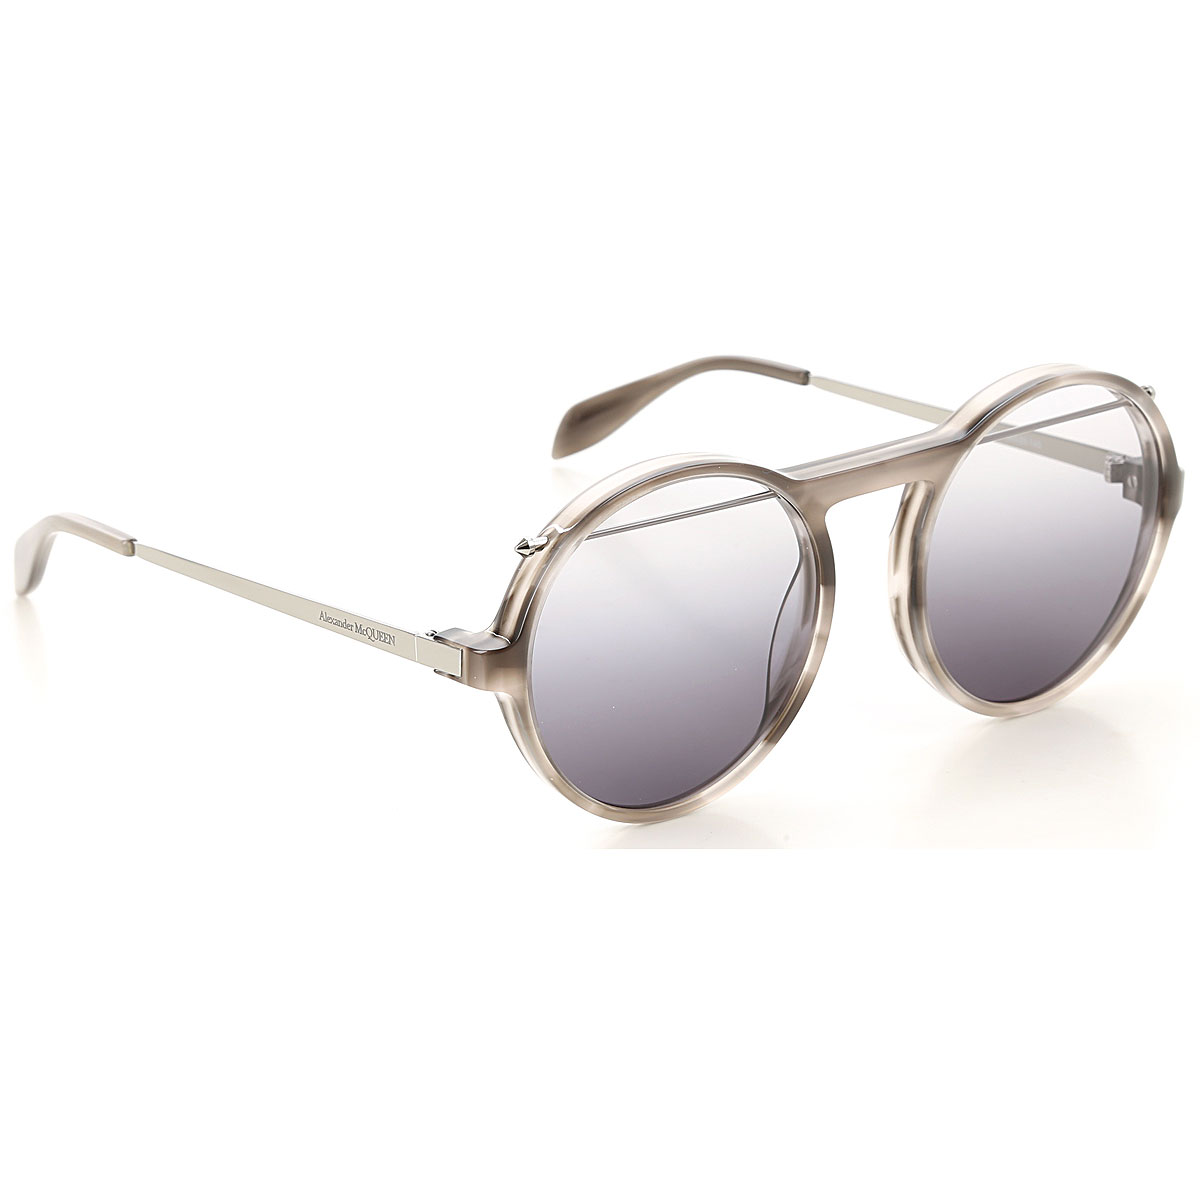 Alexander McQueen Sunglasses On Sale, Grey Havana, 2019